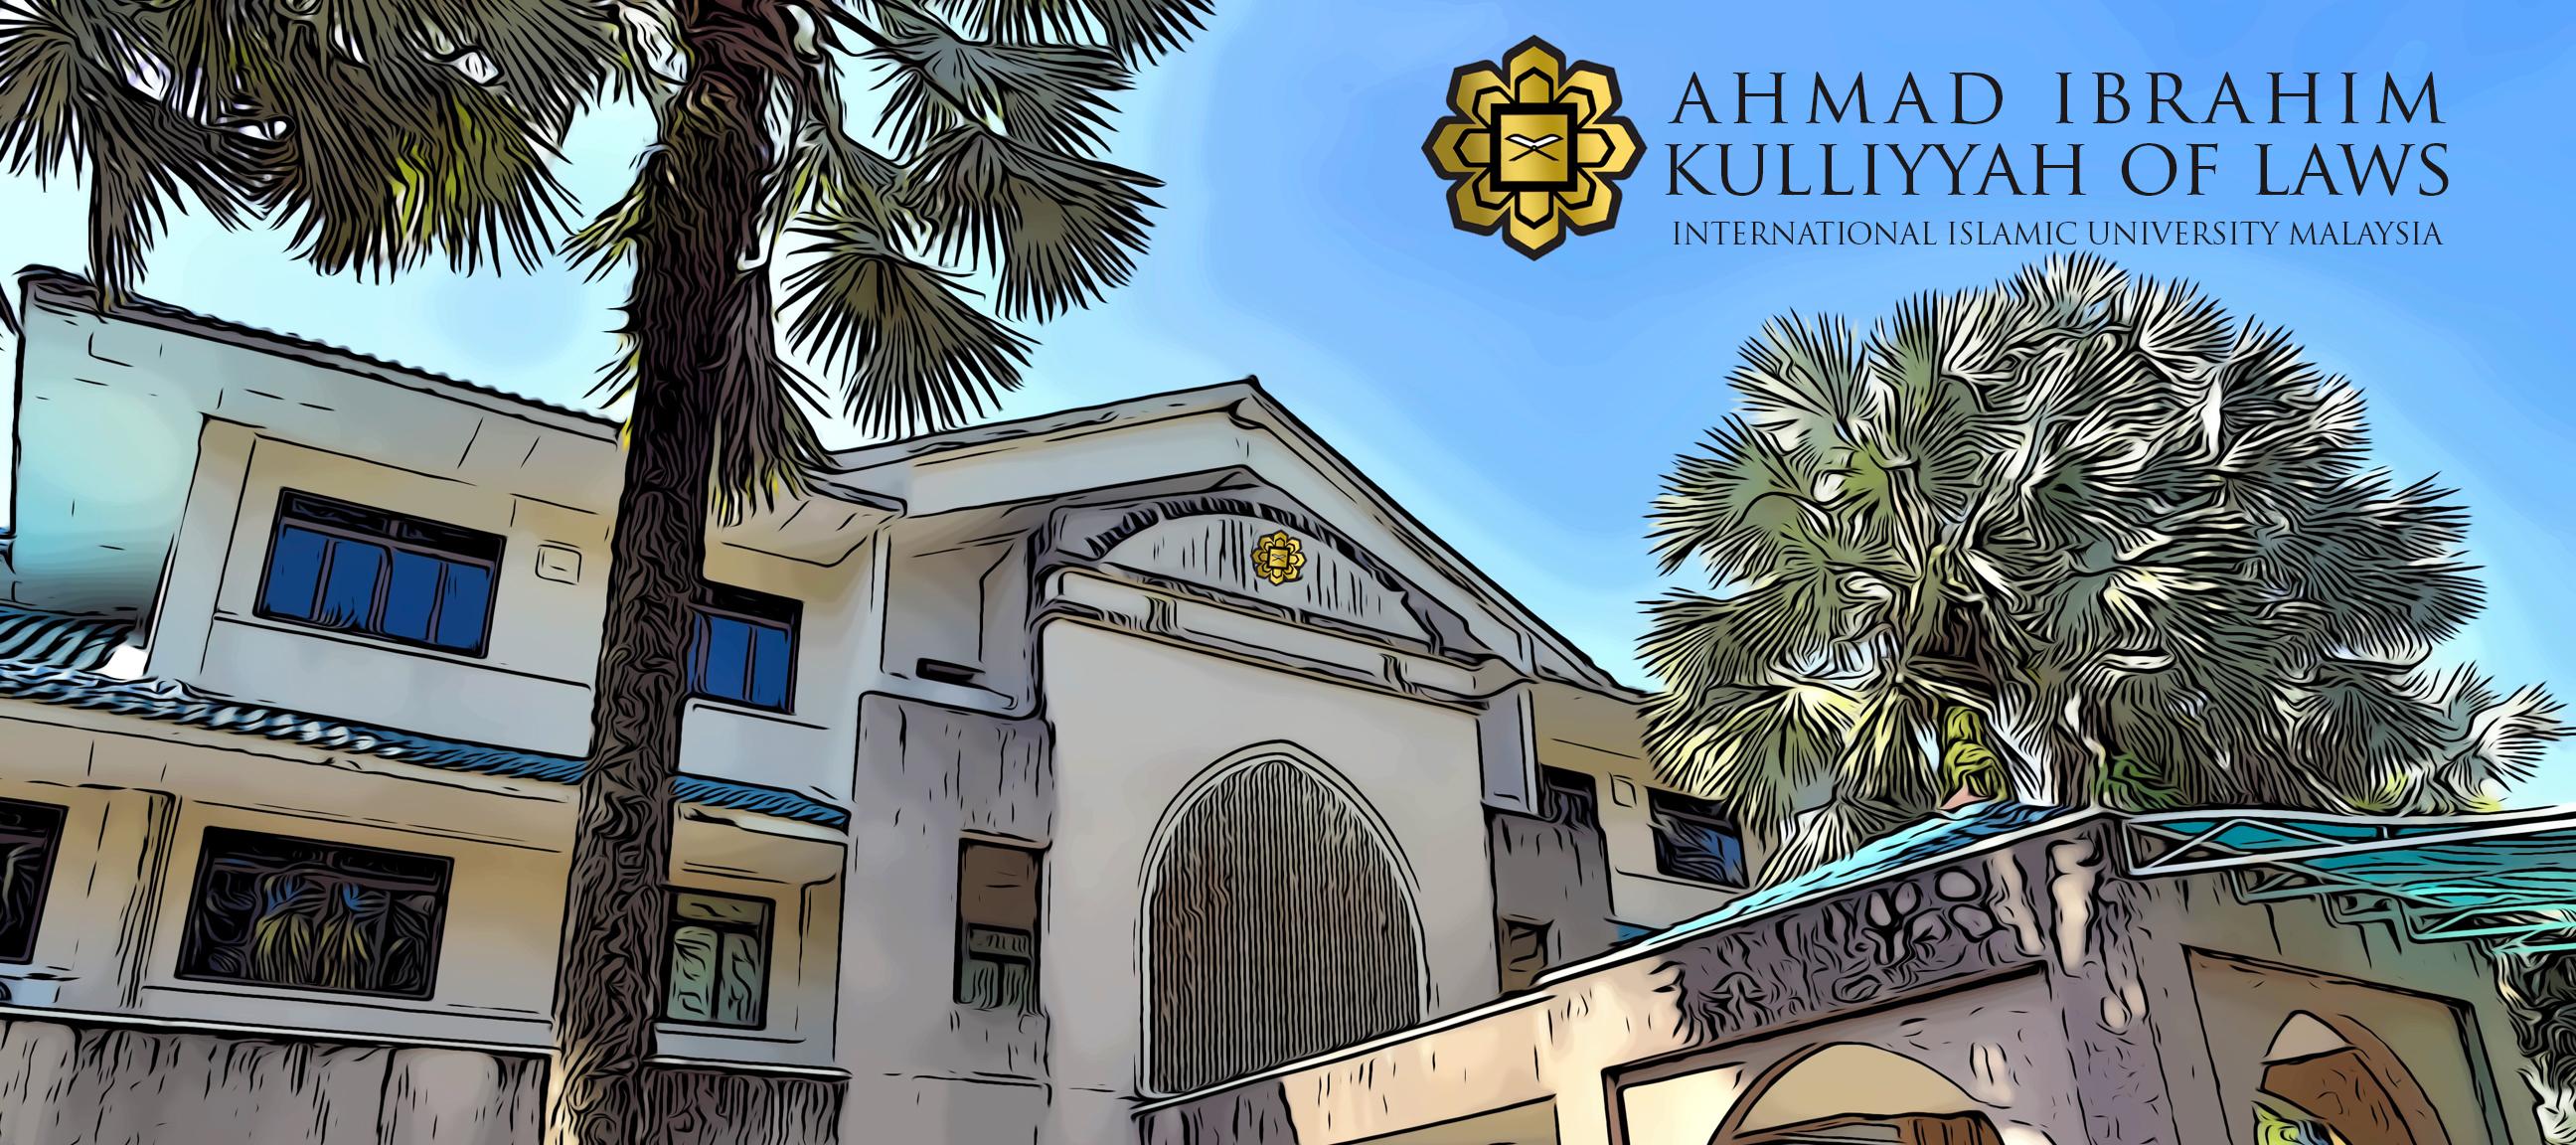 AHMAD IBRAHIM KULLIYYAH OF LAWS